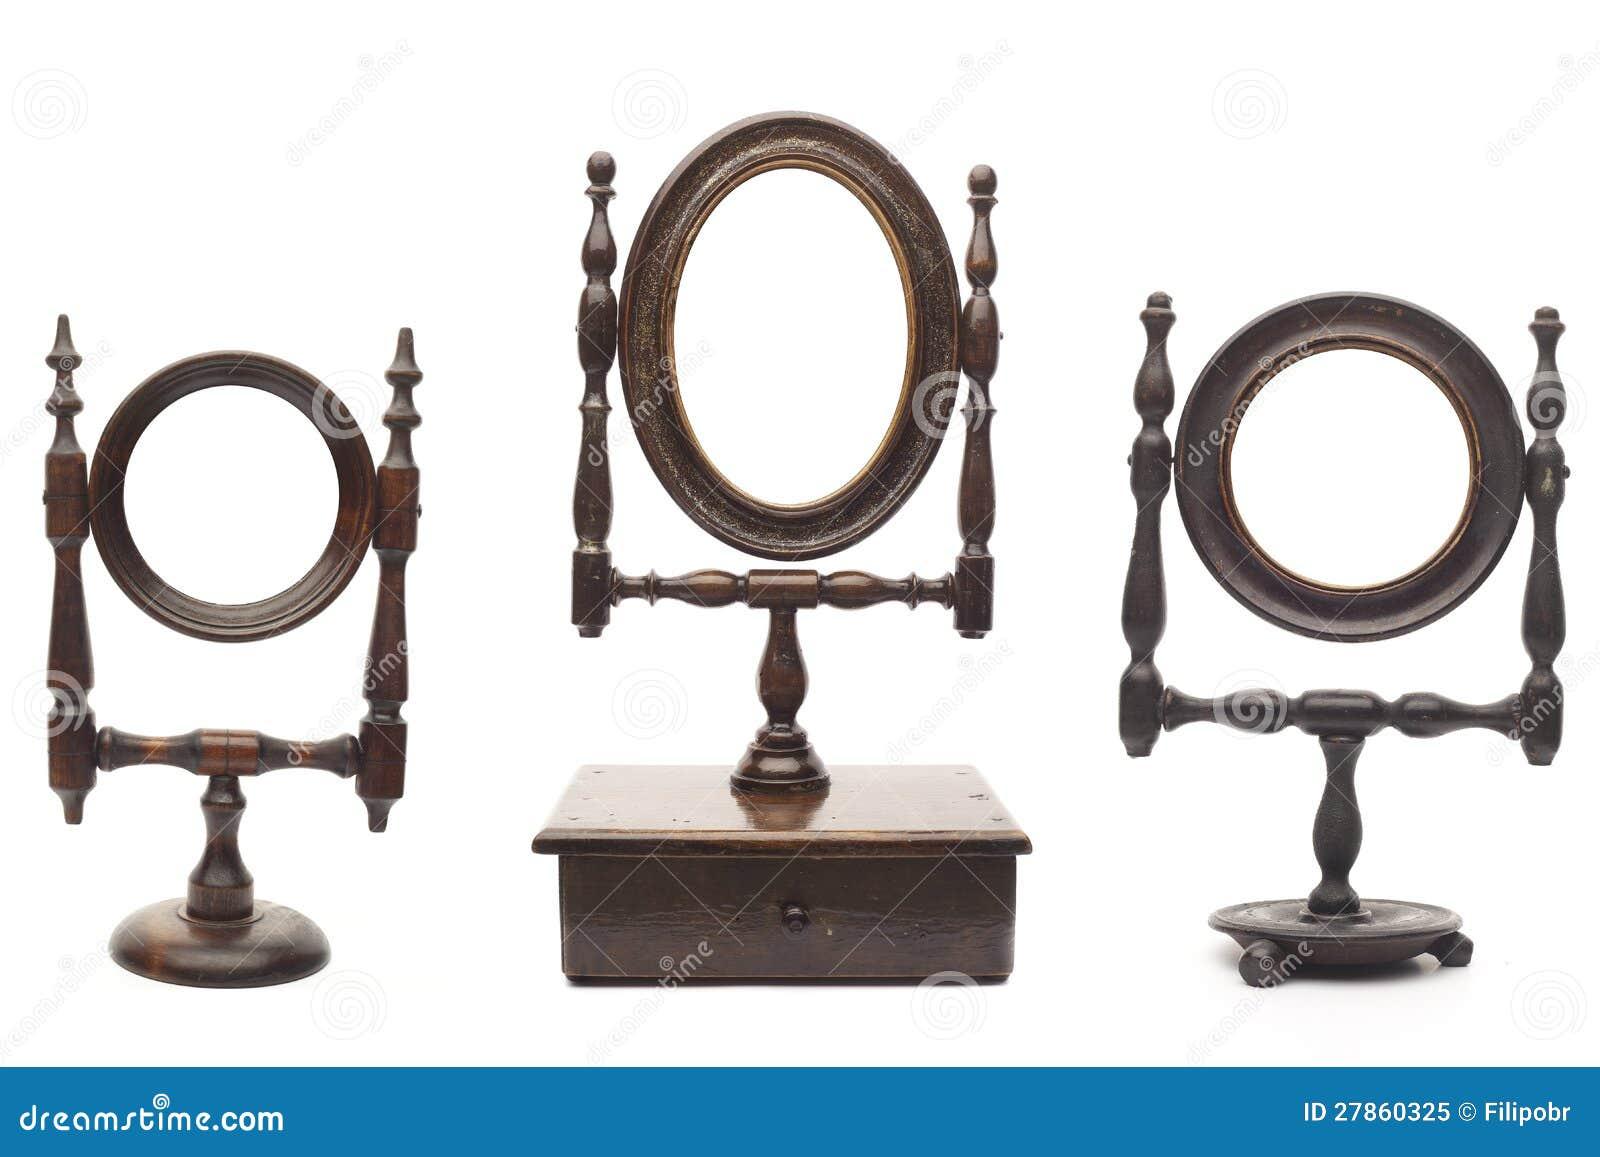 Insieme Degli Specchi Antichi Immagine Stock - Immagine: 27860325